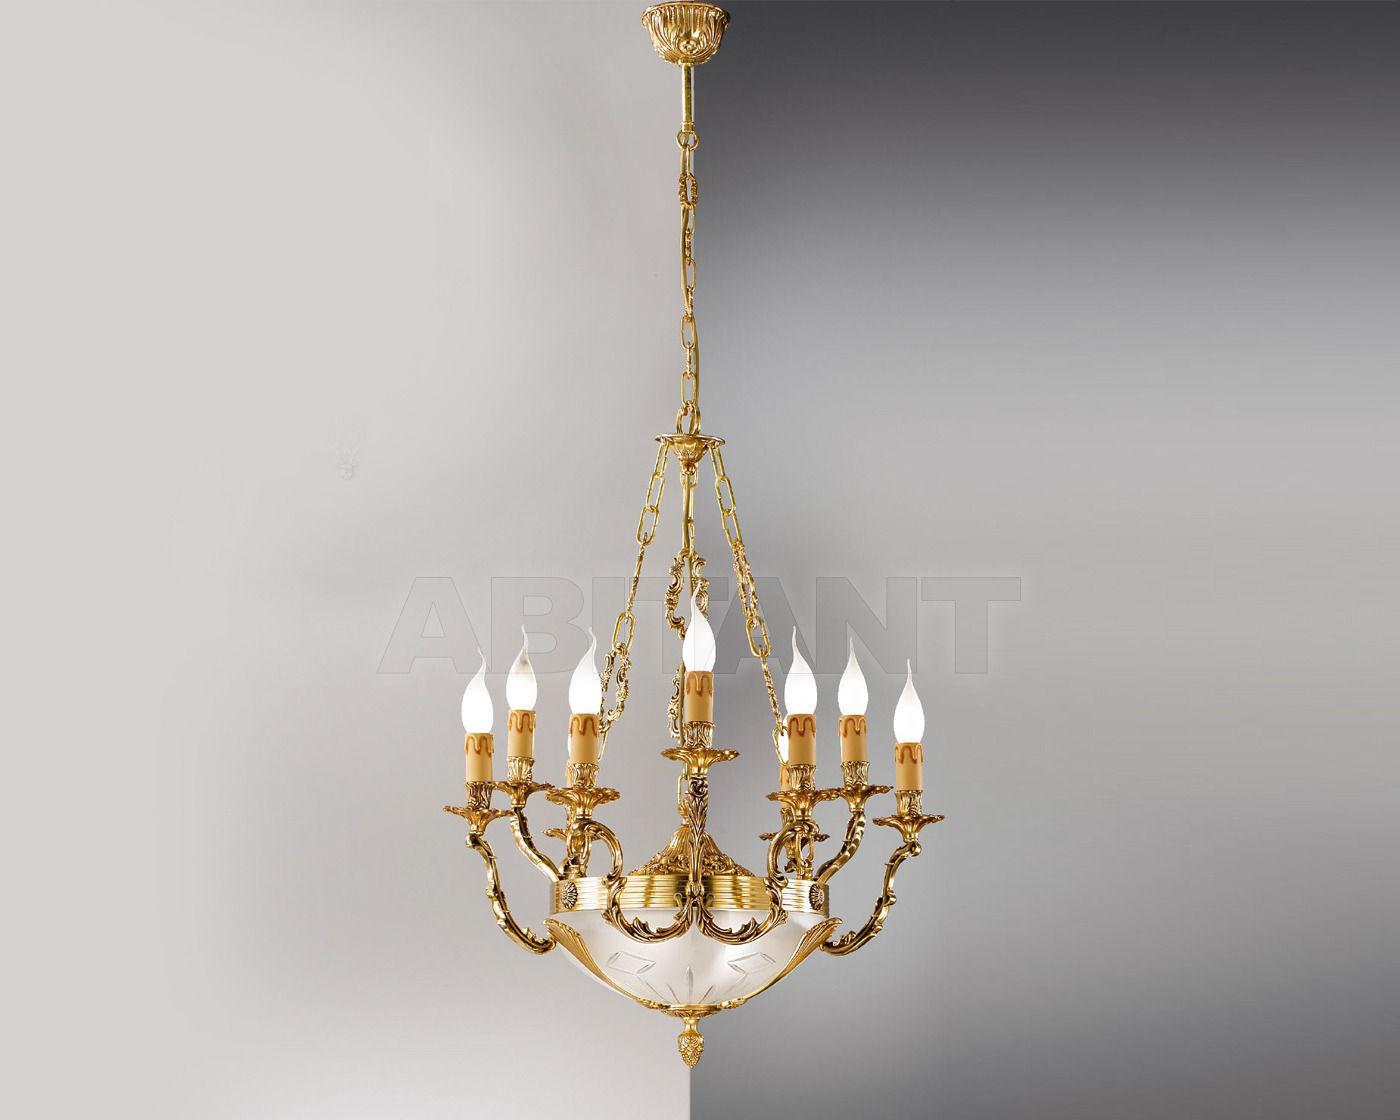 Купить Люстра Nervilamp Snc Nervilamp 2013 231/9+2